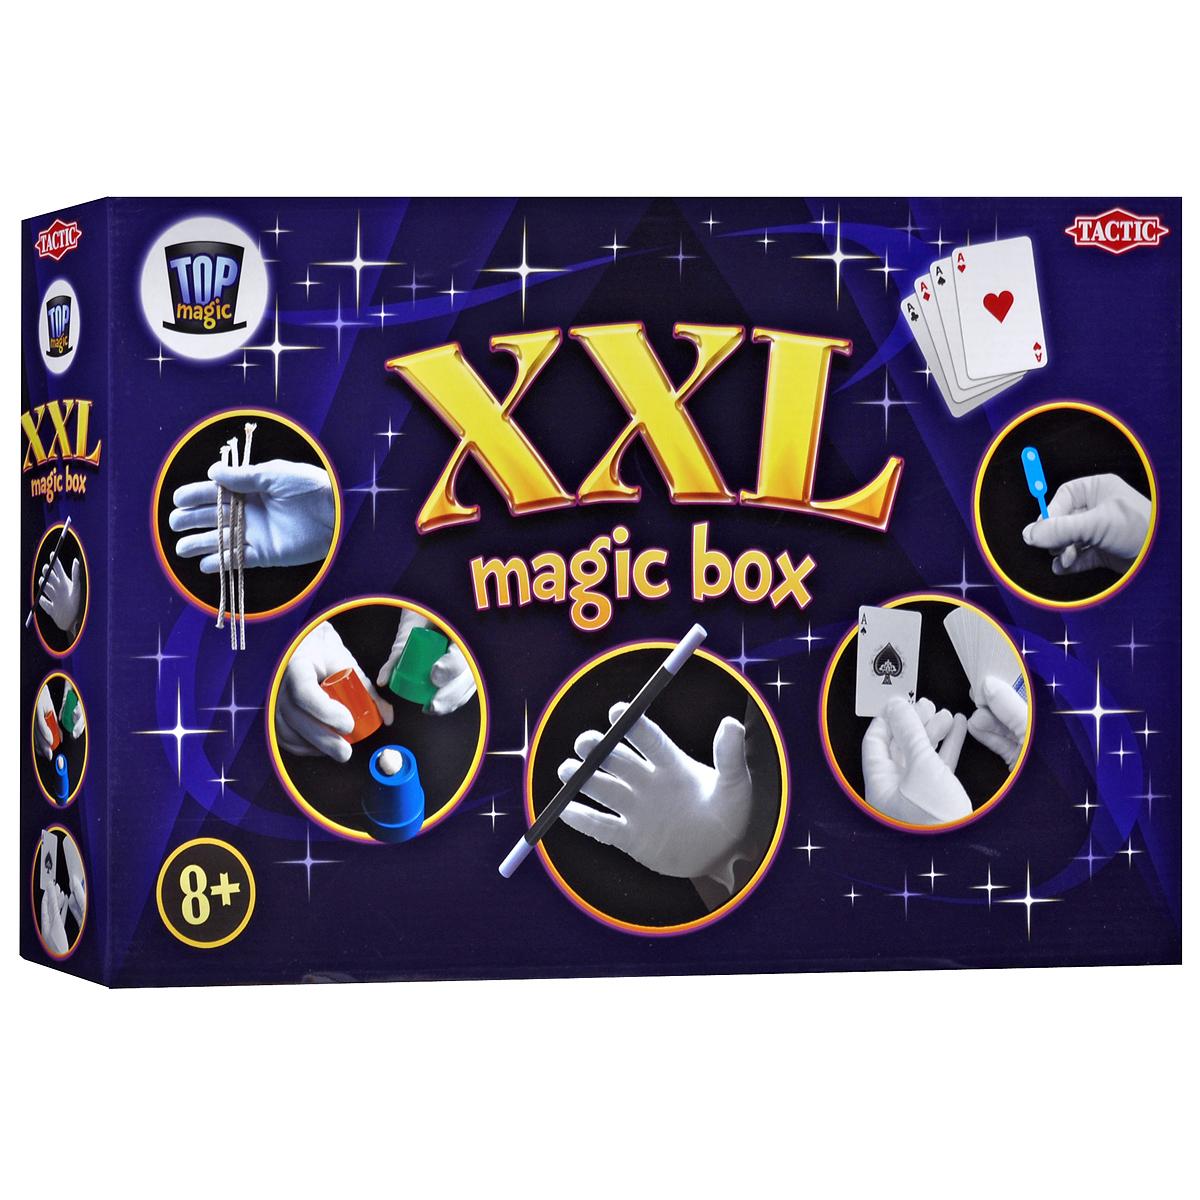 Набор для фокусов Фокусы XXL40167Набор для фокусов Фокусы XXL поможет вашему ребенку стать настоящим иллюзионистом. С помощью него ребенок сможет показывать фокусы своим друзьям, каждый раз удивляя их своими магическими способностями. Набор содержит все необходимое: реквизиты для показа 54 фокусов, в том числе волшебную палочку и колоду карт, и подробную иллюстрированную брошюру на русском языке. Подарите вашему ребенку прекрасную возможность окунуться в чарующий мир волшебства.